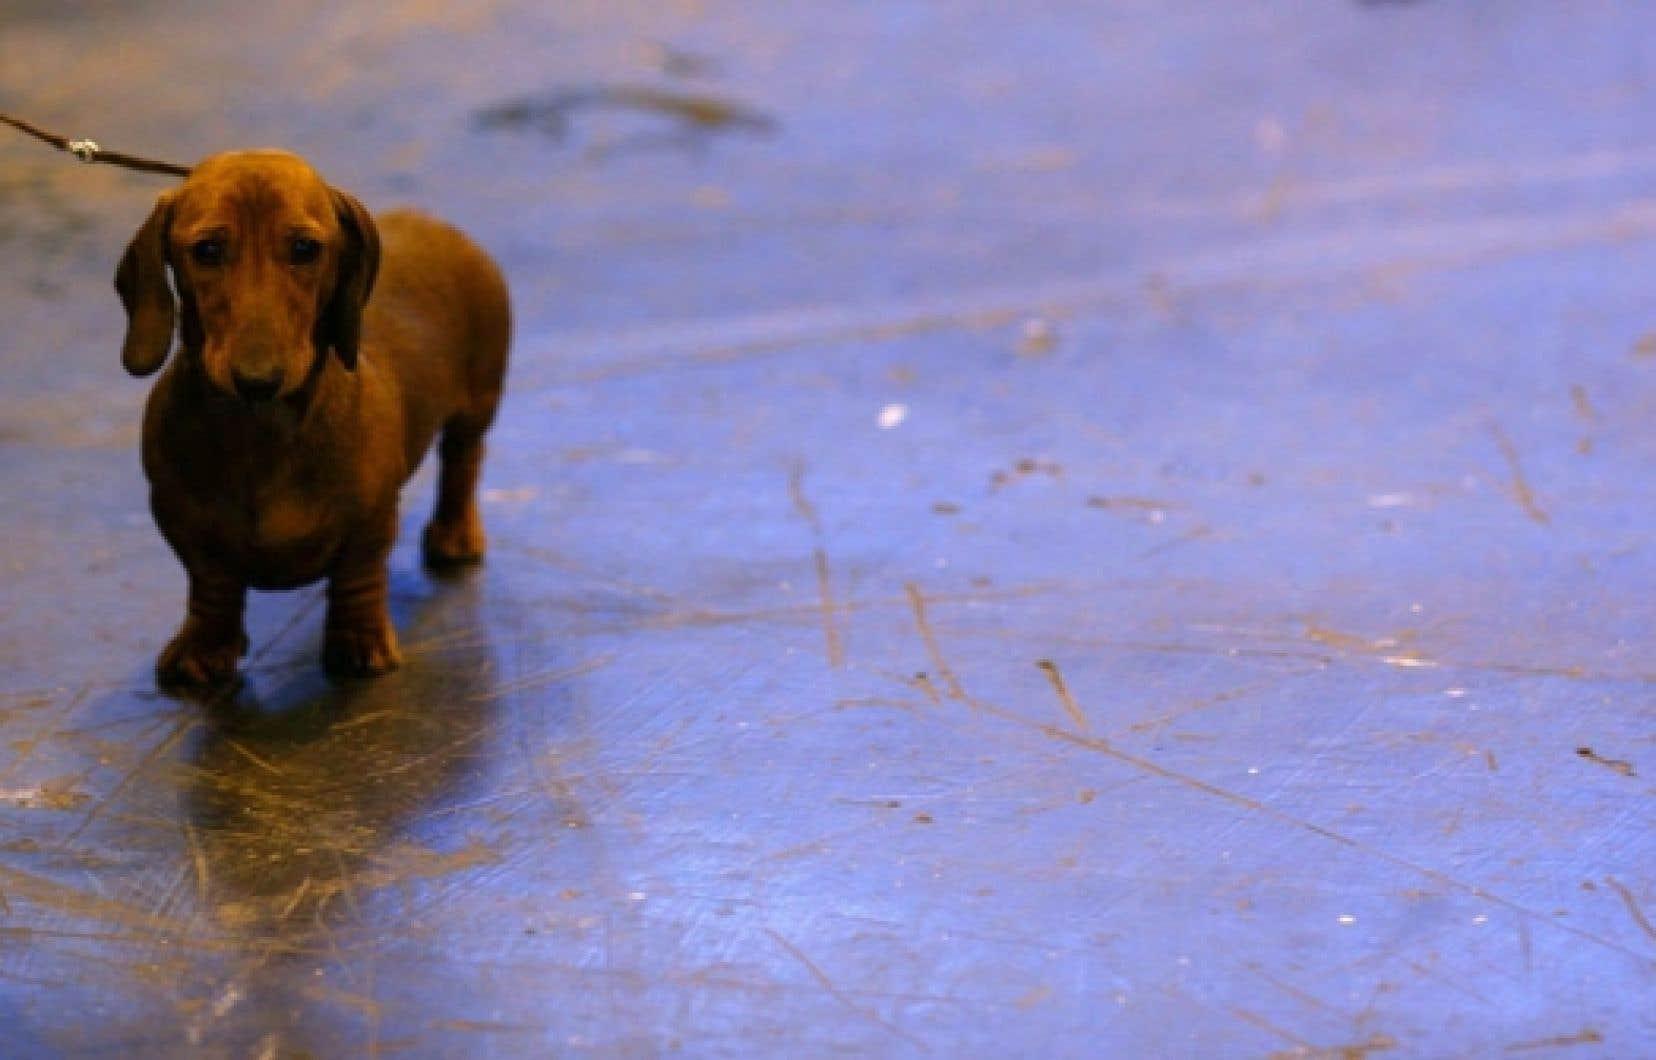 La SPCA croit que la Ville devrait se doter de son propre service animalier. «Il faut que la Ville cesse de subventionner l'euthanasie et regarde le contrôle animalier de façon proactive», estime sa porte-parole, Alanna Devine.<br />